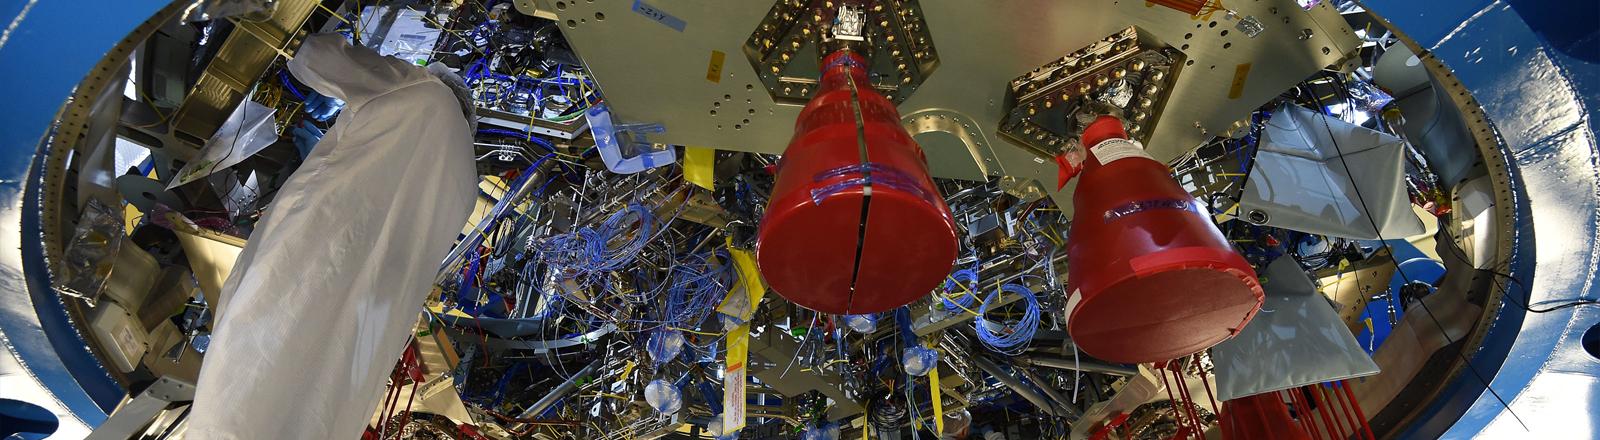 """Ingenieure arbeiten am 25.10.2017 in Bremen bei Airbus am Servicemodul für das US-Raumschiff """"Orion"""""""